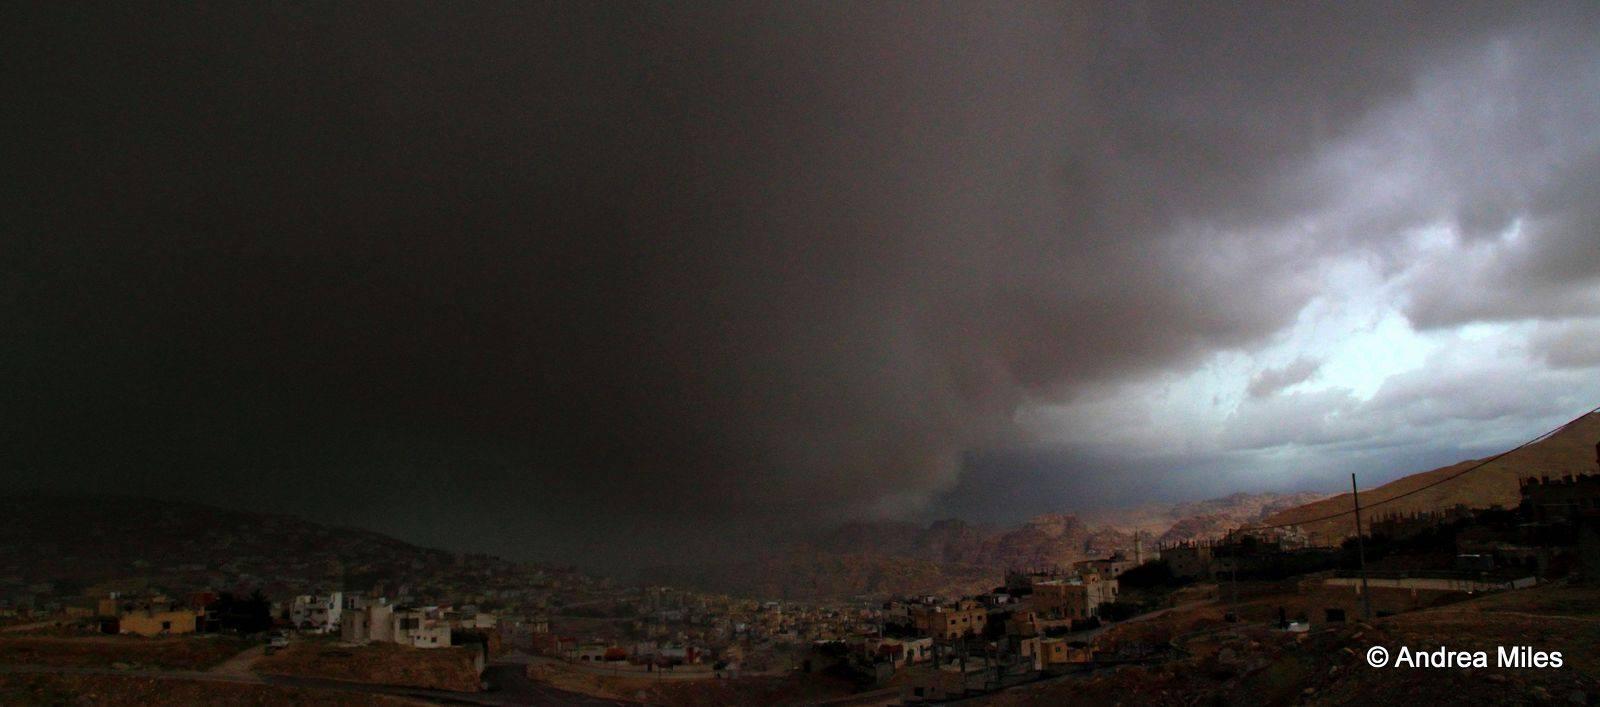 الغيوم شديدة السواد كانت عصر الخميس